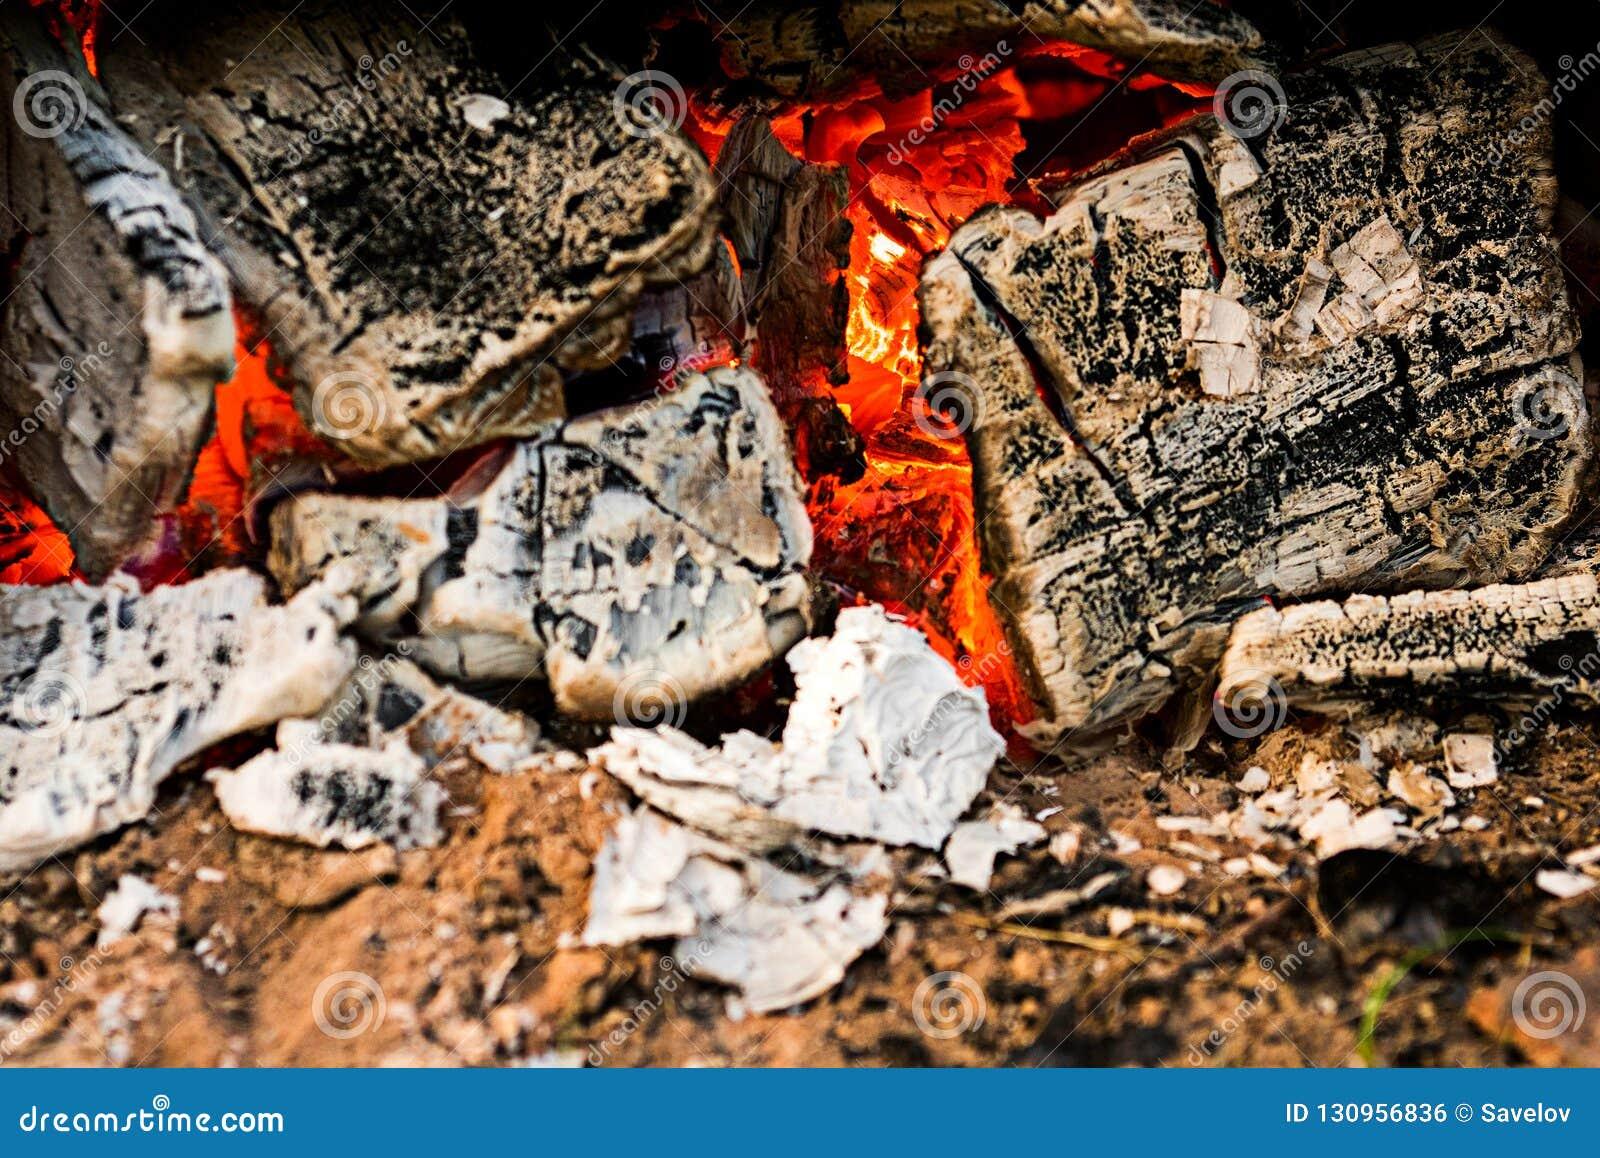 Los carbones en el fuego son macros